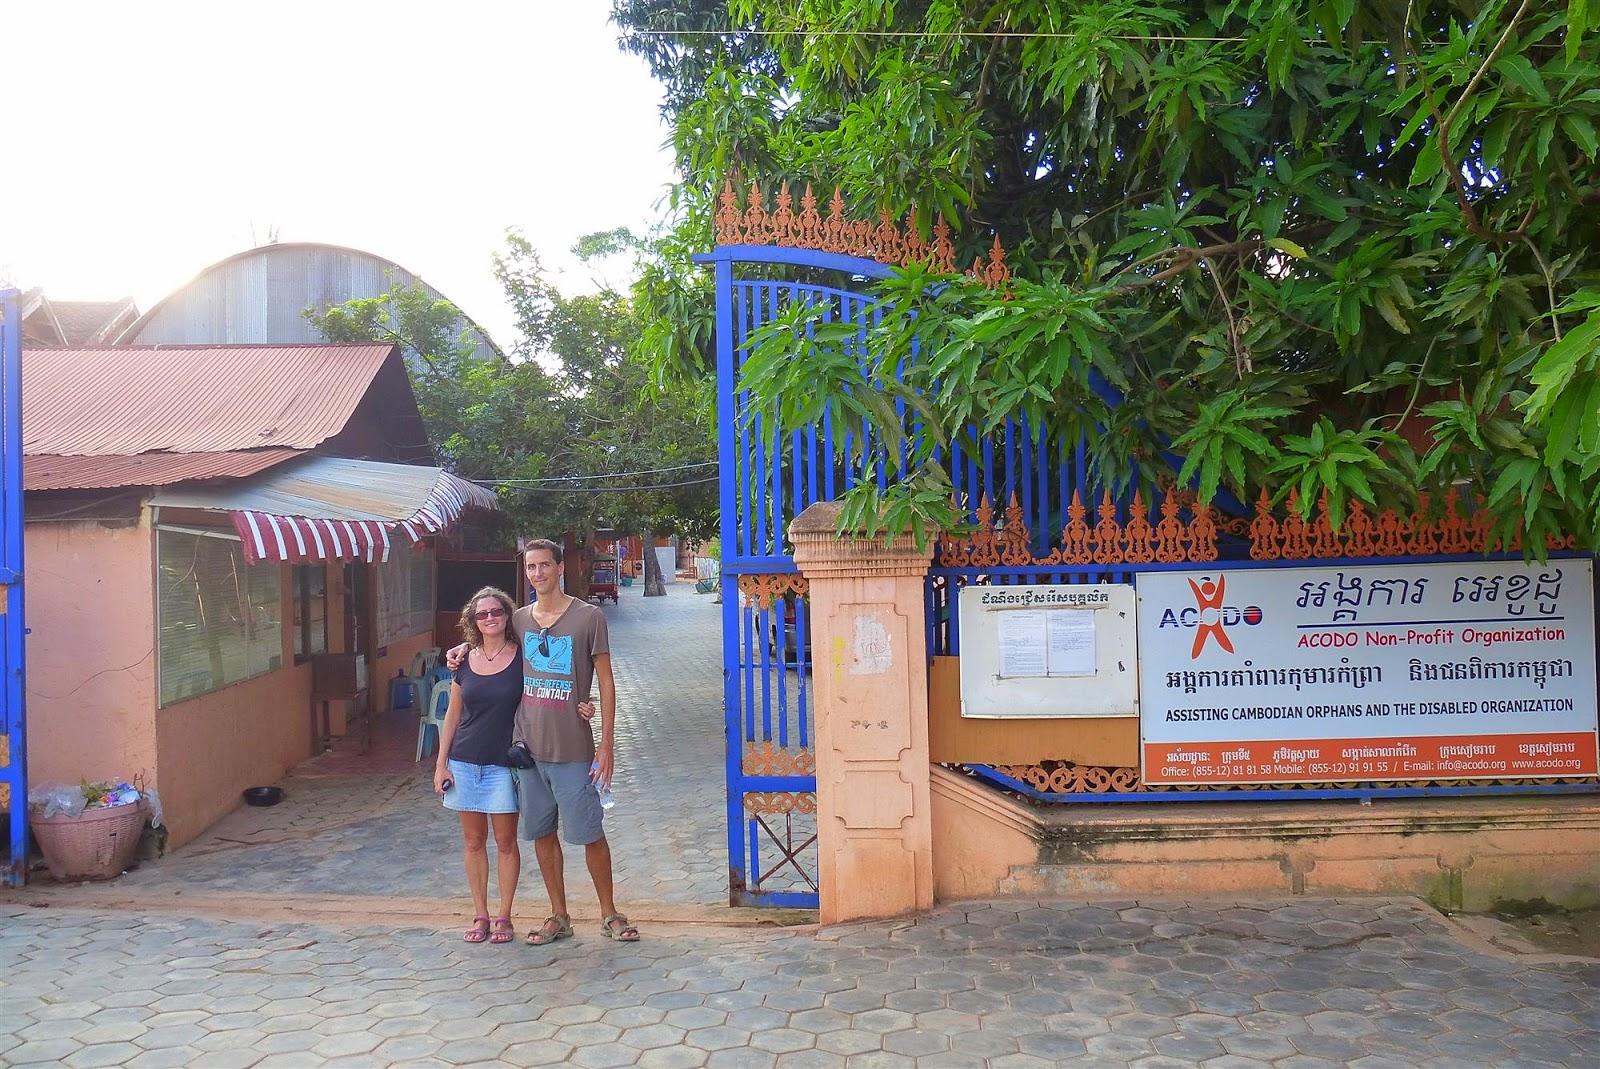 Casa de acogida ong y orfanato en siem reap camboya la aventura de pablo y elena - Casa de acogida ...